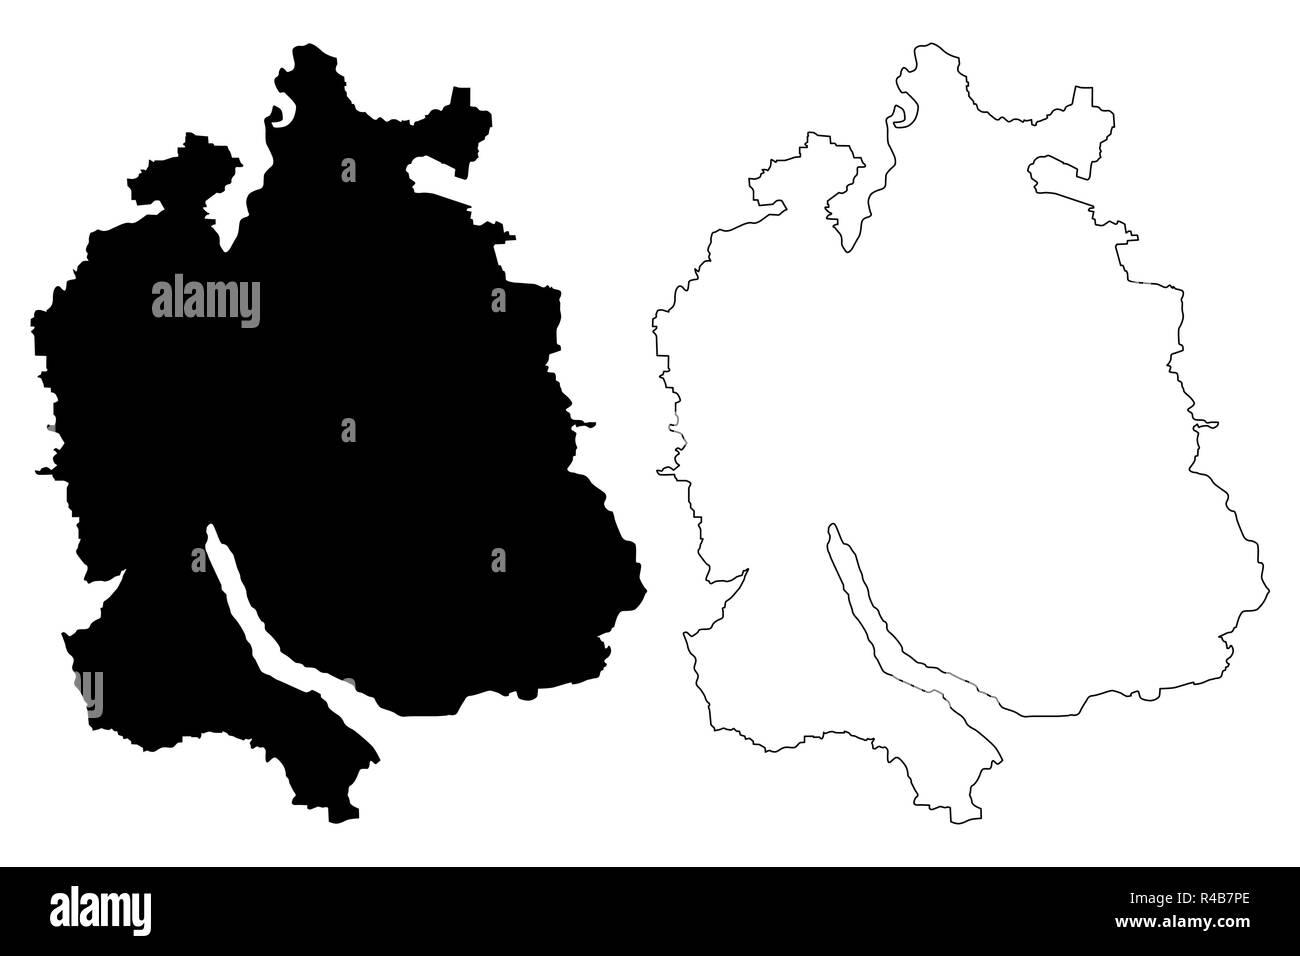 Cartina Svizzera Cantoni Vuota.Zurigo Cantoni Della Svizzera Cantoni E Confederazione Svizzera Mappa Illustrazione Vettoriale Scribble Sketch Nel Cantone Di Zurigo Mappa Immagine E Vettoriale Alamy